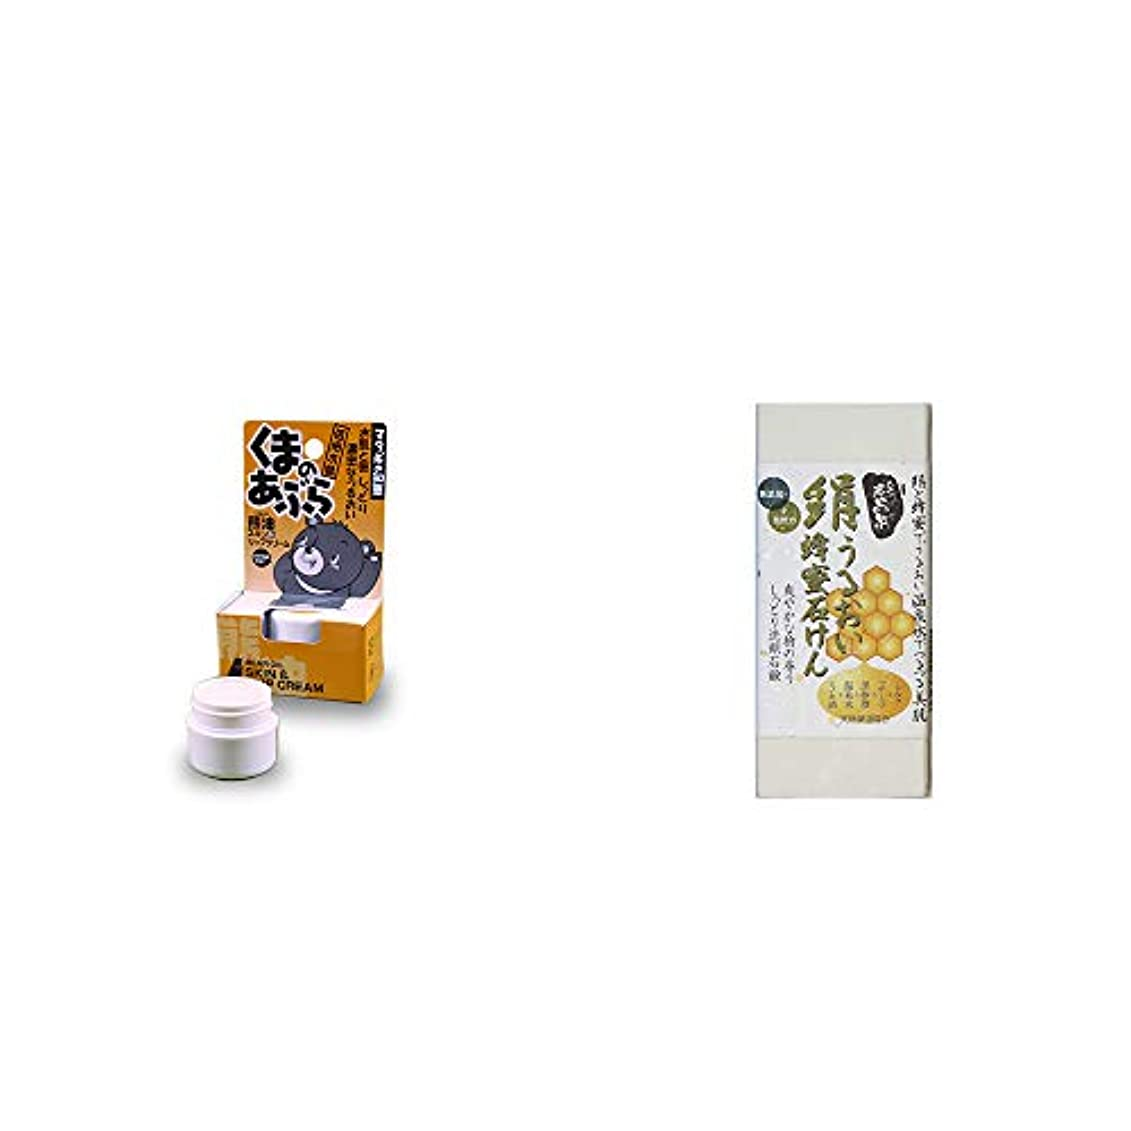 シーン光電ストライプ[2点セット] 信州木曽 くまのあぶら 熊油スキン&リップクリーム(9g)?ひのき炭黒泉 絹うるおい蜂蜜石けん(75g×2)